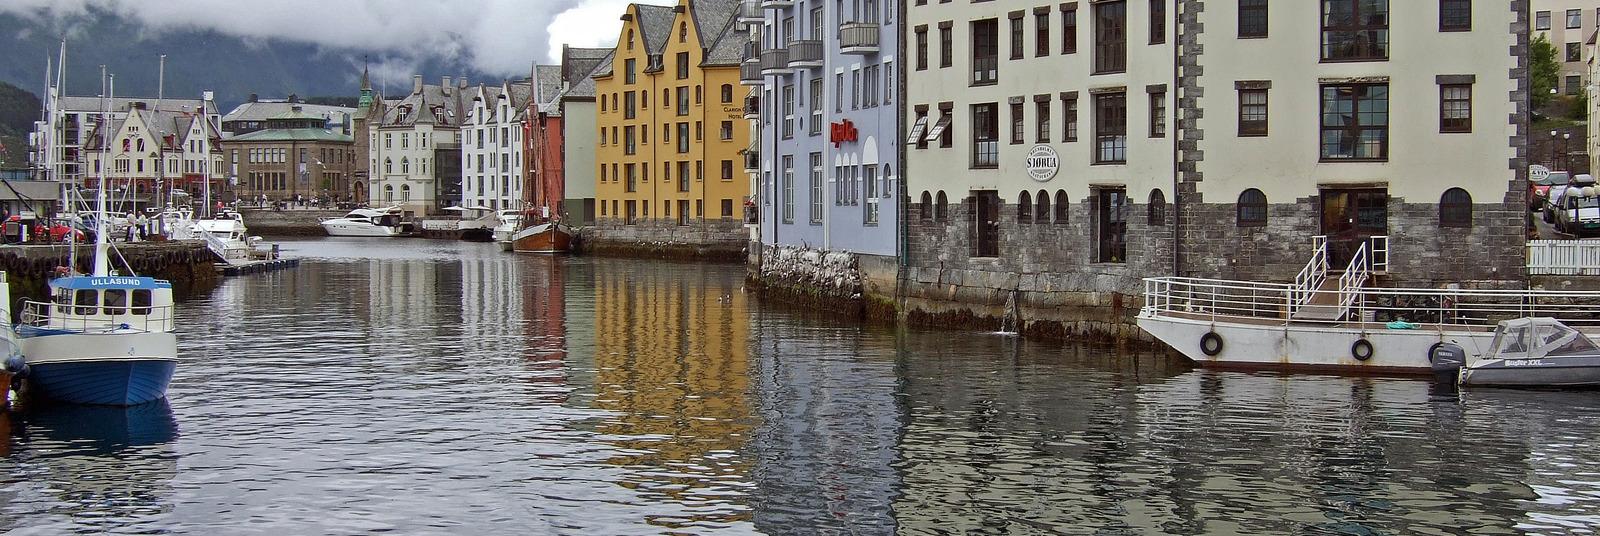 Homepage_large_alesund_canal__norway